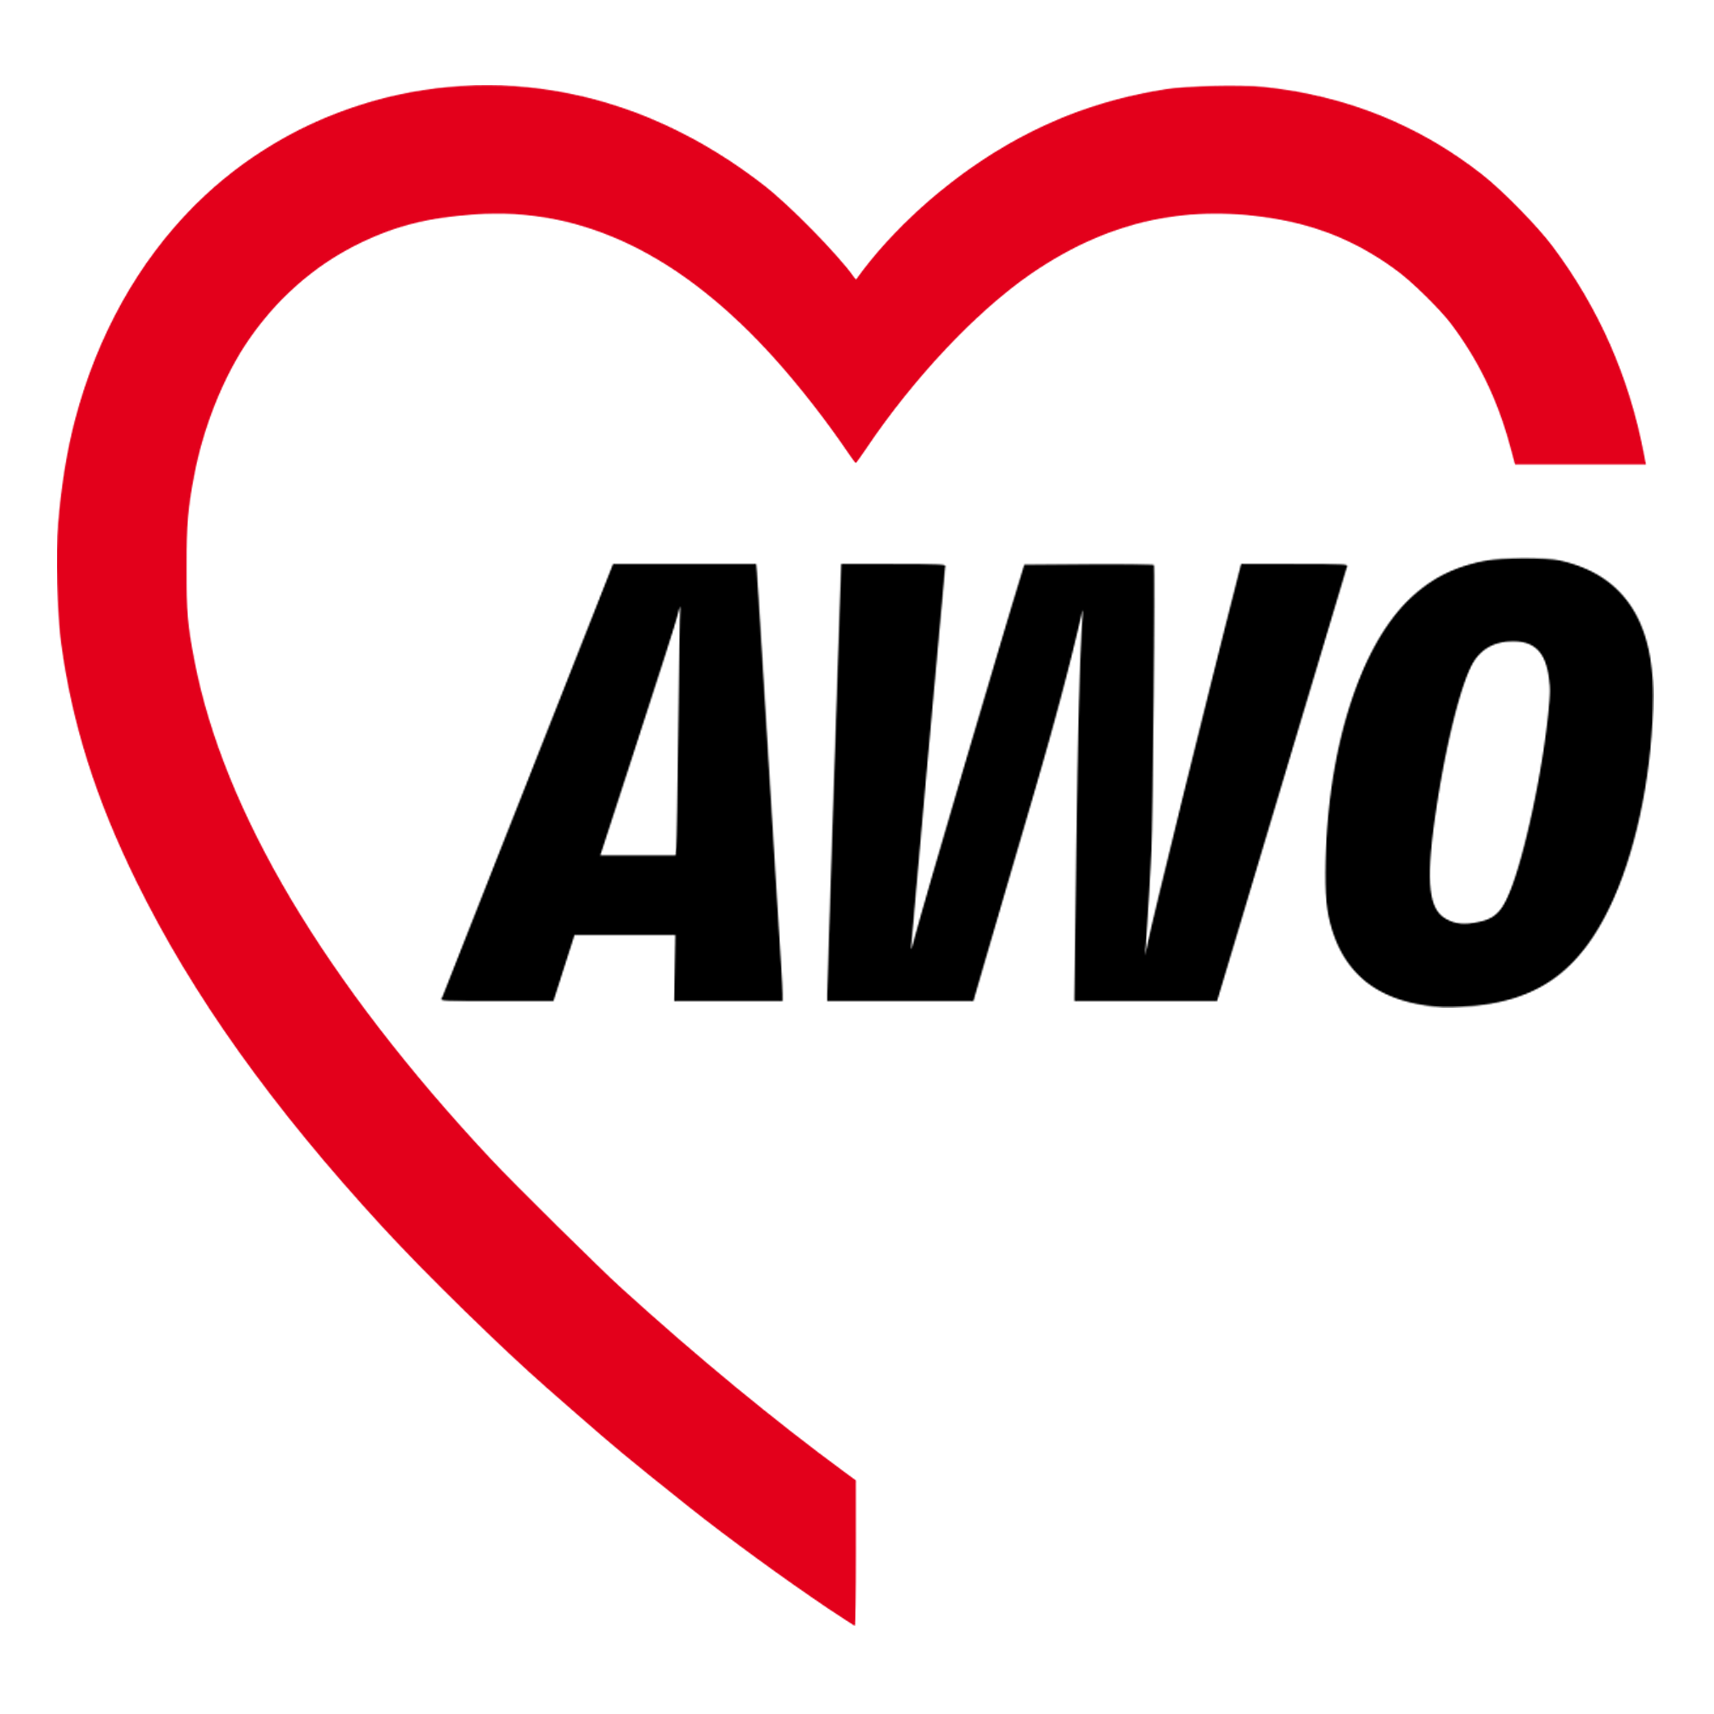 Awo-logo-08_2.png